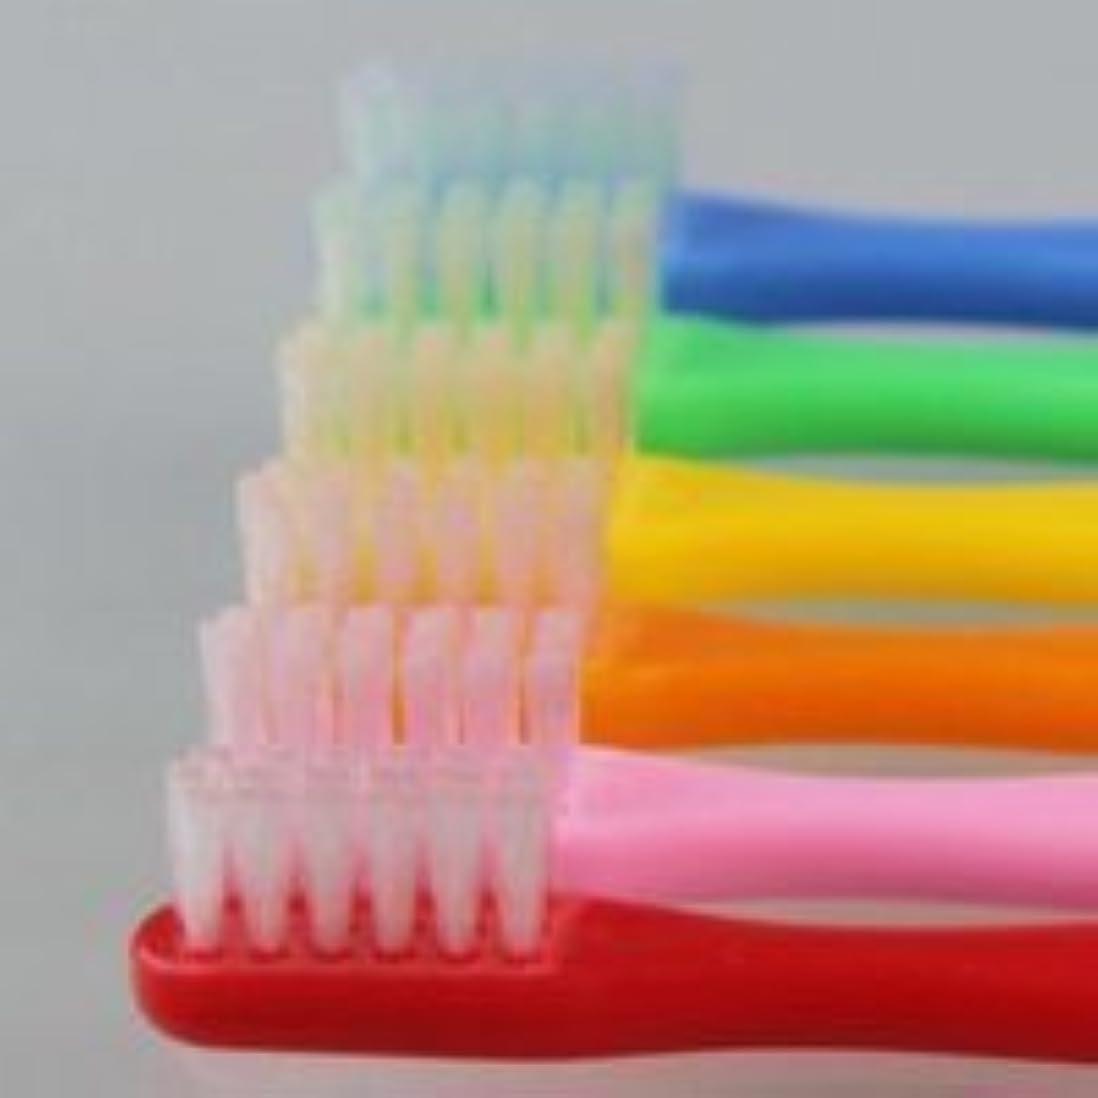 報酬のアサーロマンチックサムフレンド 歯ブラシ #10(乳歯~6才向け) 6本 ※お色は当店お任せです